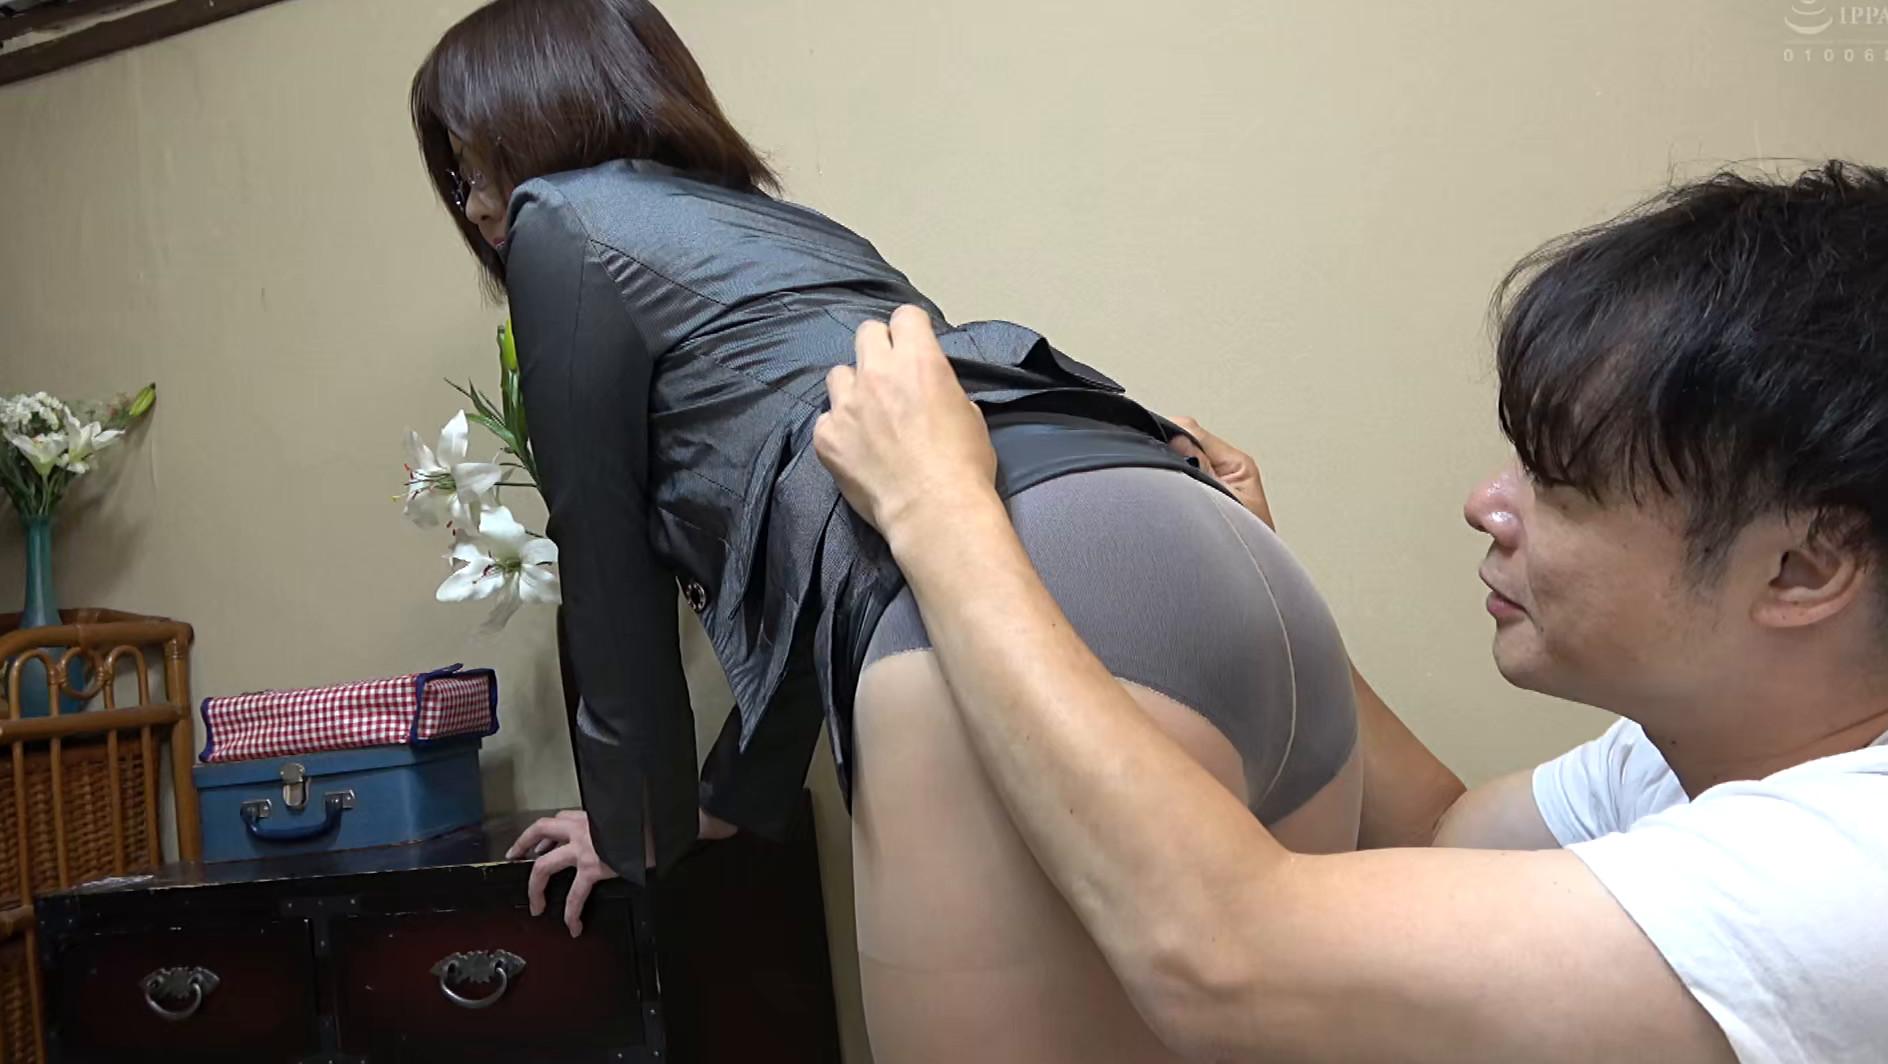 独り暮らしの男性に枕営業で契約をGETするデカパイ営業レディ 赤瀬尚子,のサンプル画像19